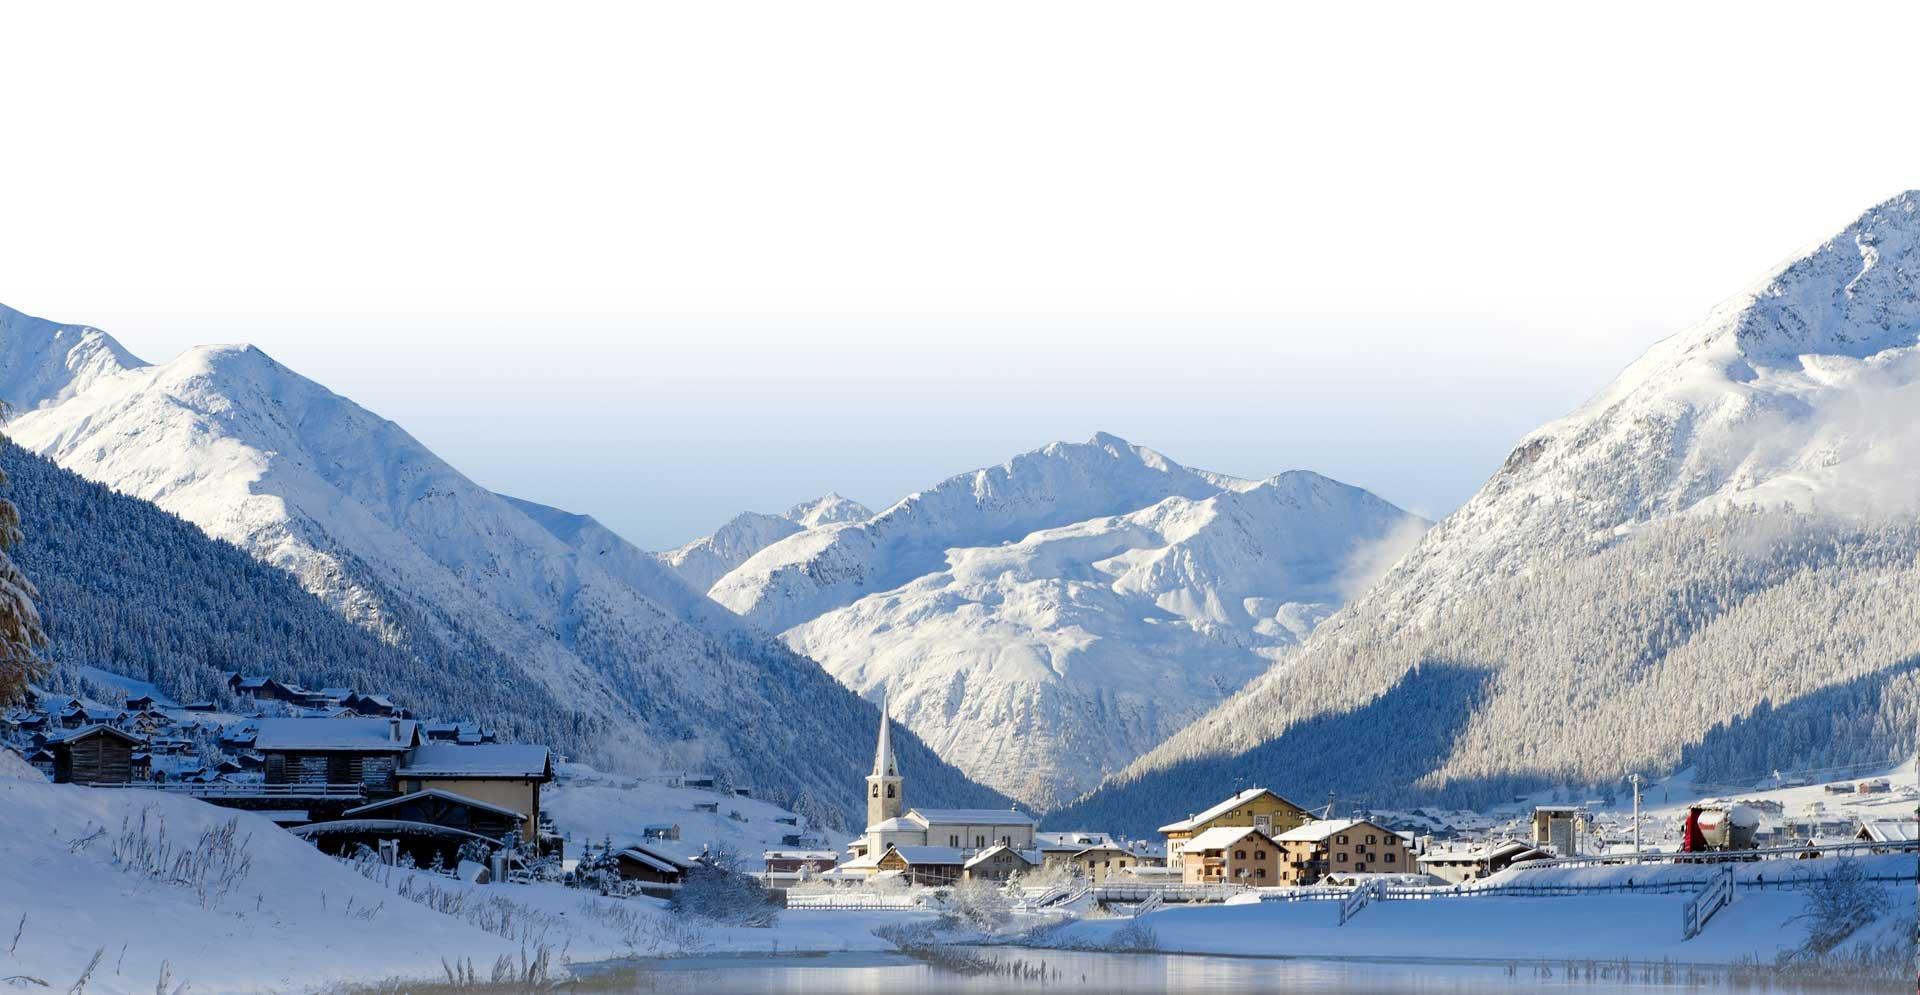 أفضل منتجعات الرياضة الشتوية في أوروبا-4